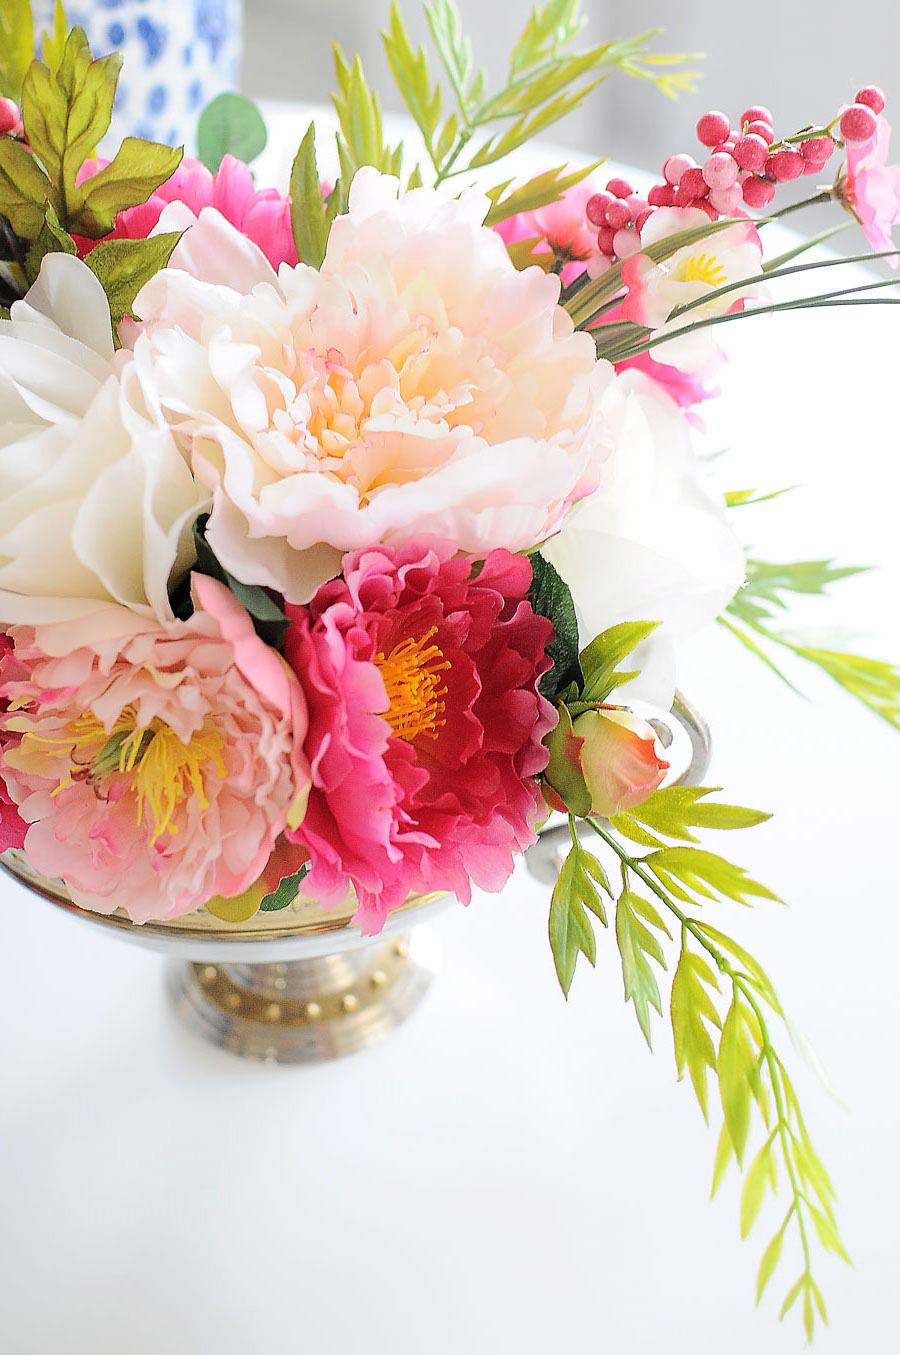 preciosas maneras de decorar la mesa con flores, ideas de decoración de mesas originales